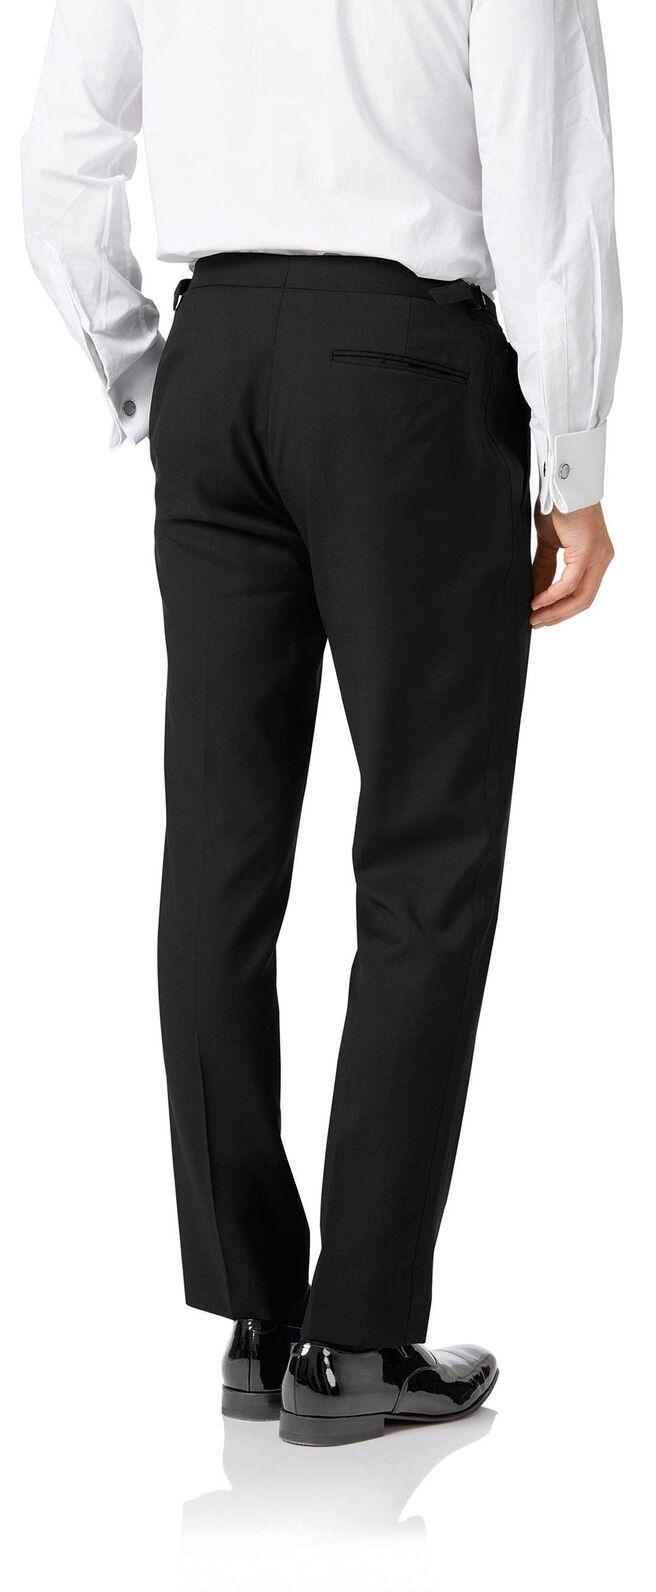 Black slim fit peak lapel tuxedo